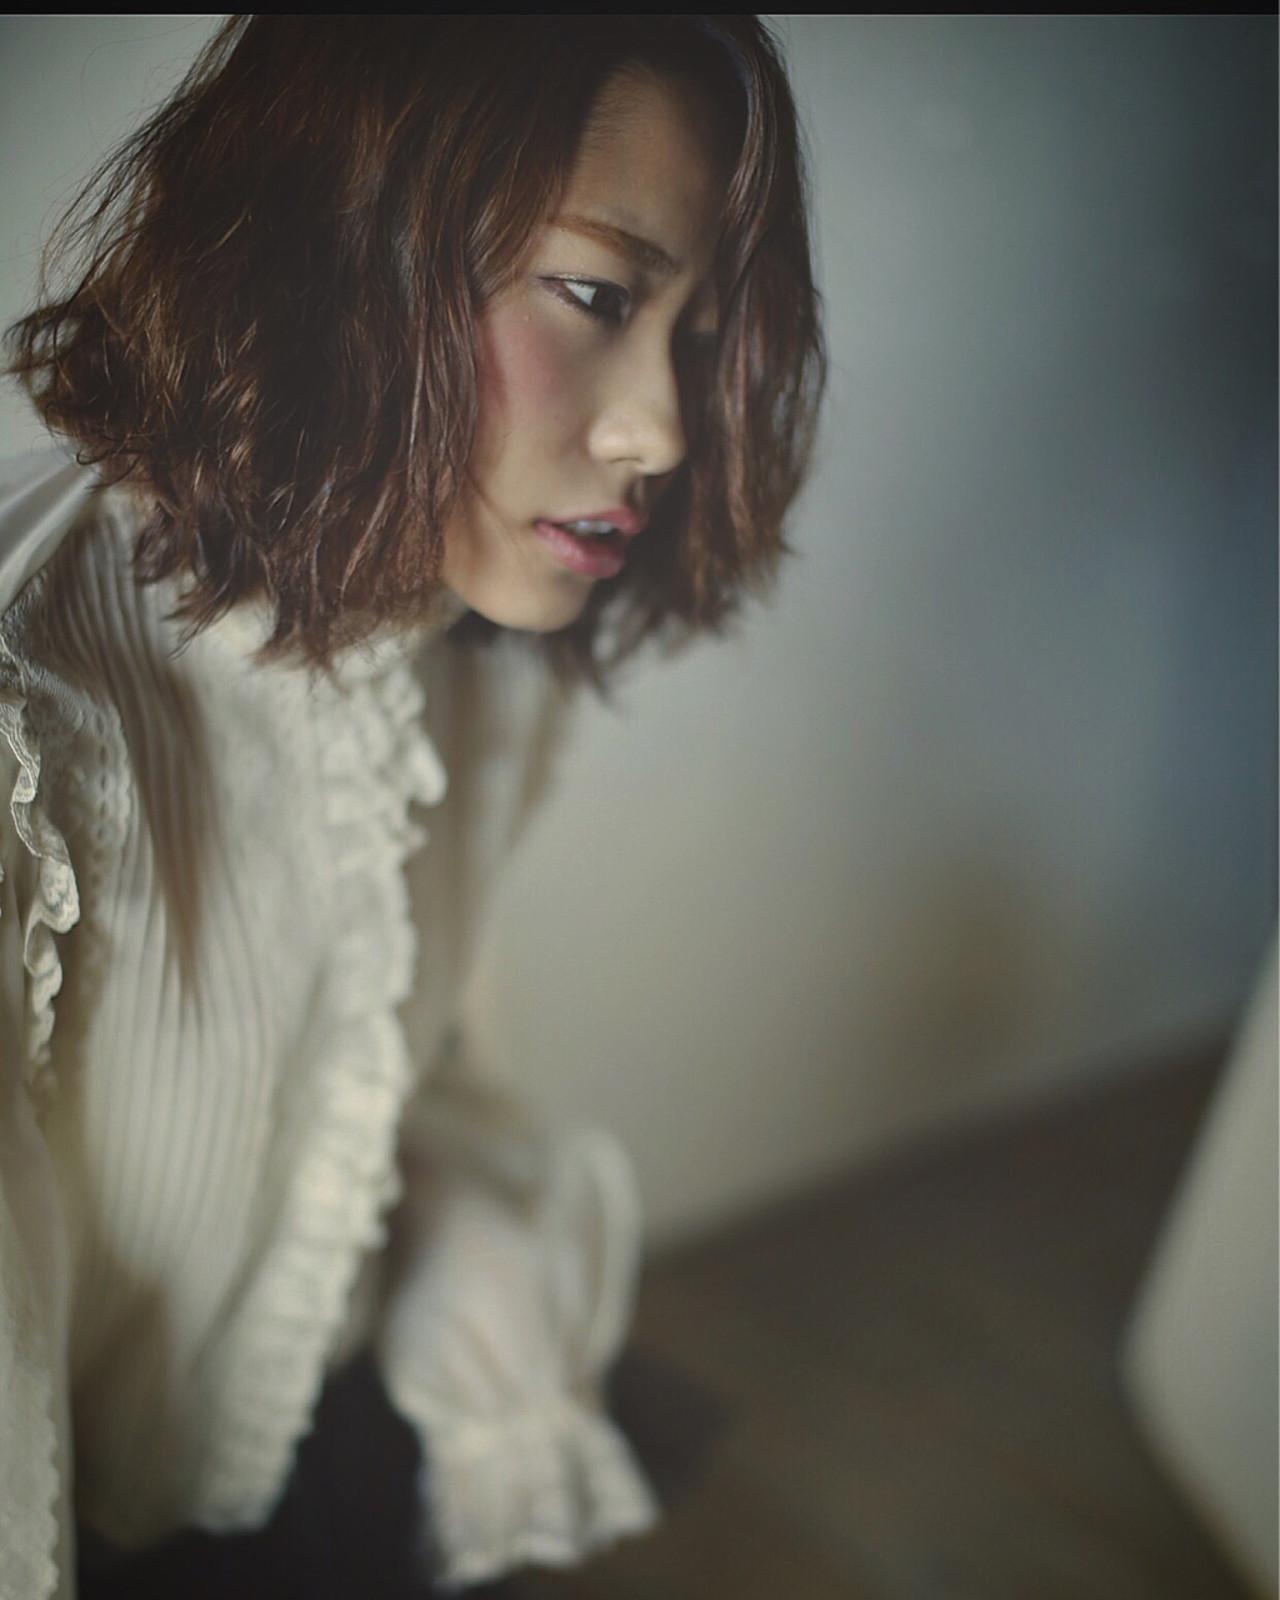 ゆるふわ 大人かわいい ナチュラル パーマ ヘアスタイルや髪型の写真・画像 | 清水桃子 / ミルクブッシュ / ミルクブッシュ